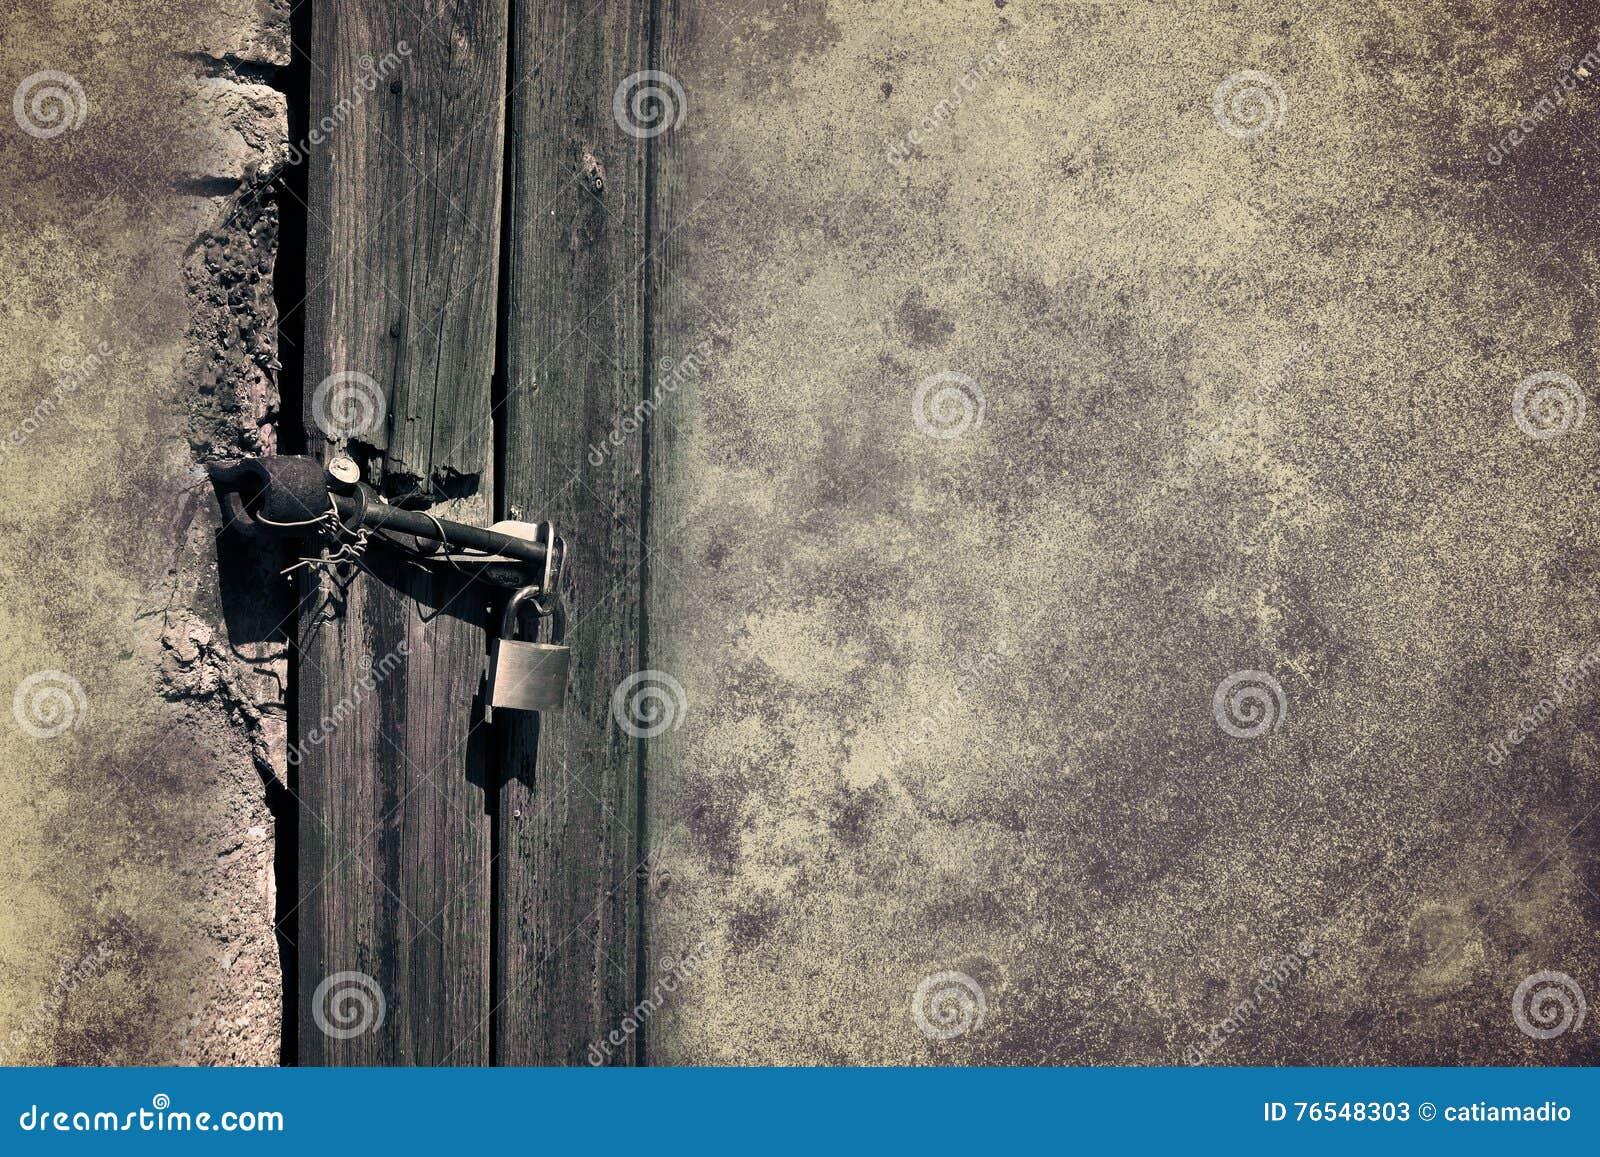 Door Lock Abstract Background